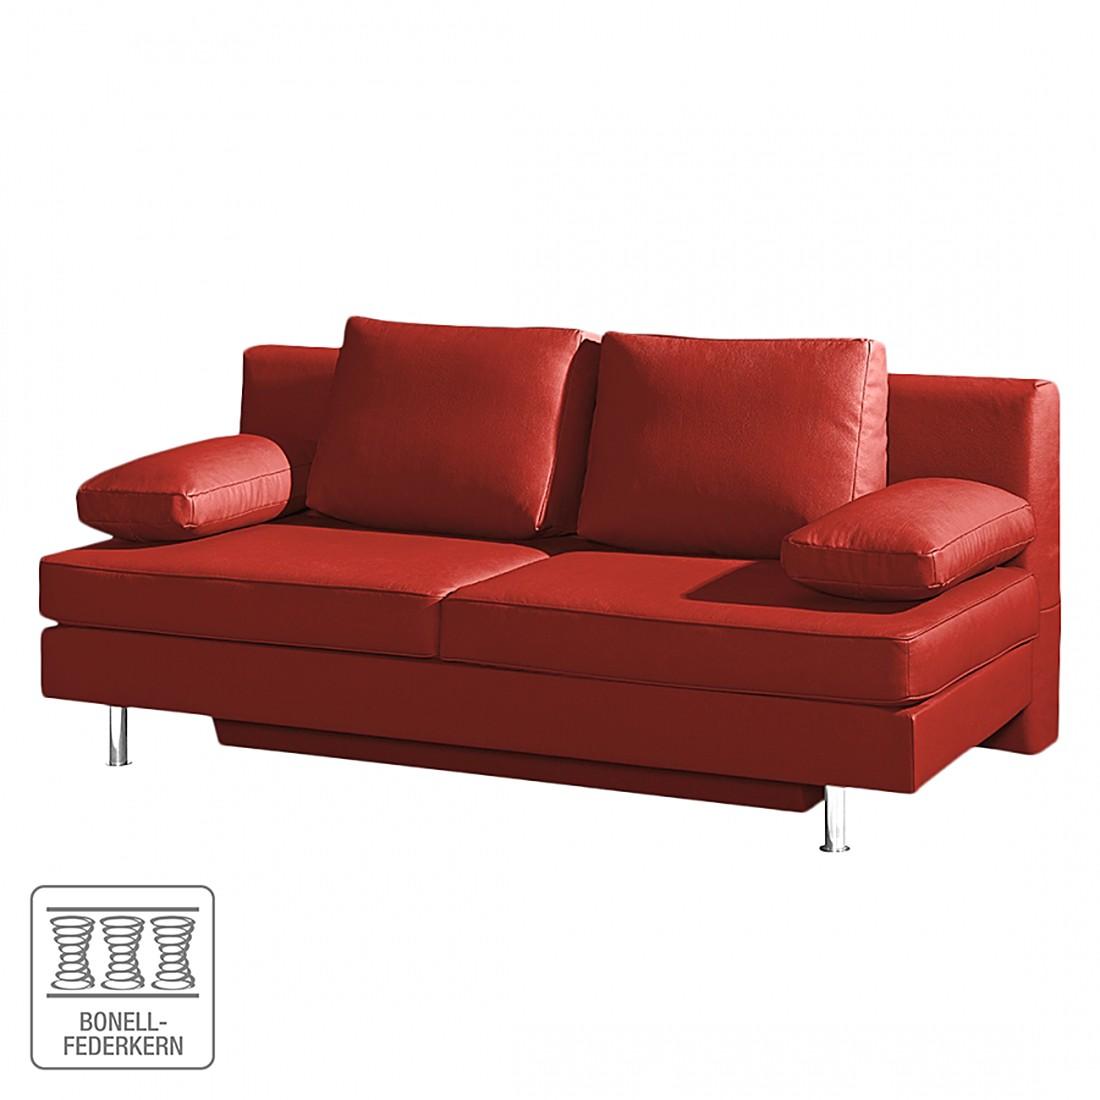 Sofa schlafsofa roomscape preisvergleiche for Schlafsofa echtleder